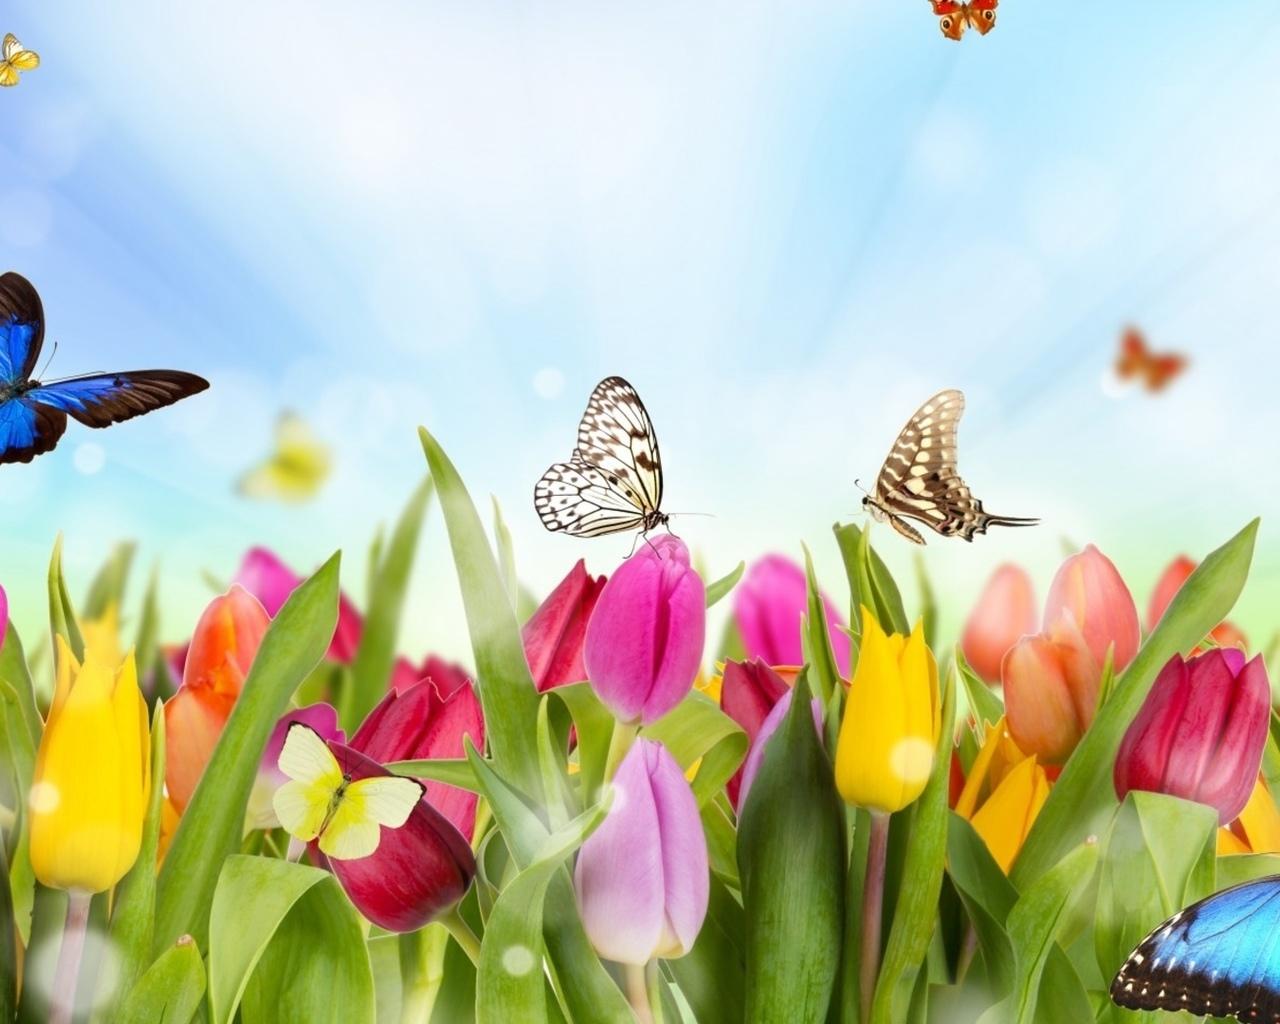 16372 скачать обои Растения, Бабочки, Цветы, Тюльпаны - заставки и картинки бесплатно